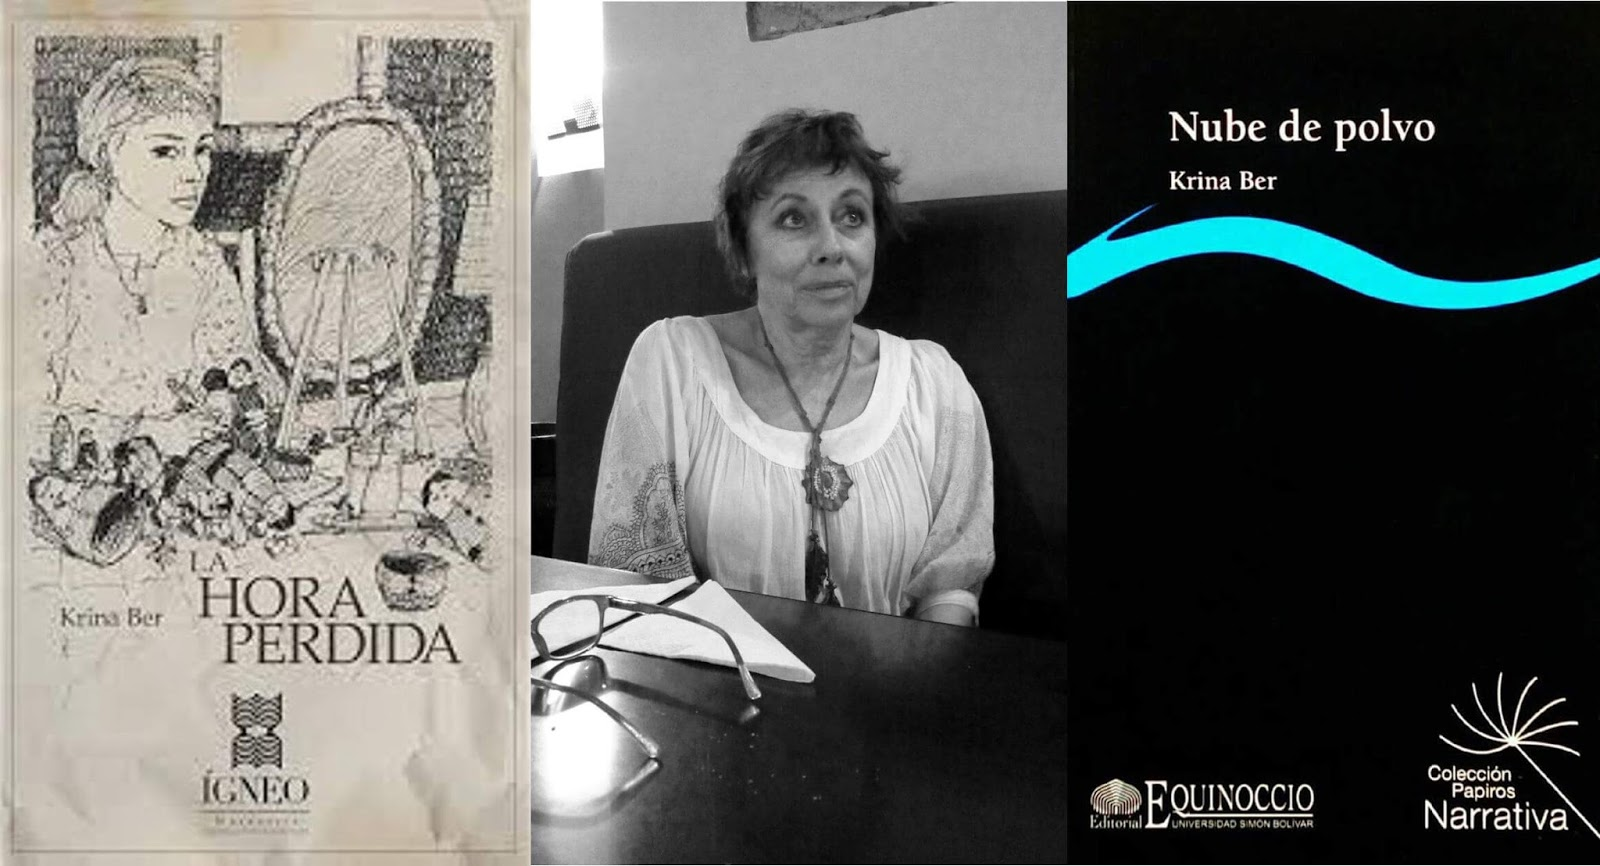 Carátulas de libros de Krina Ber: La hora perdida y Nube de polvo